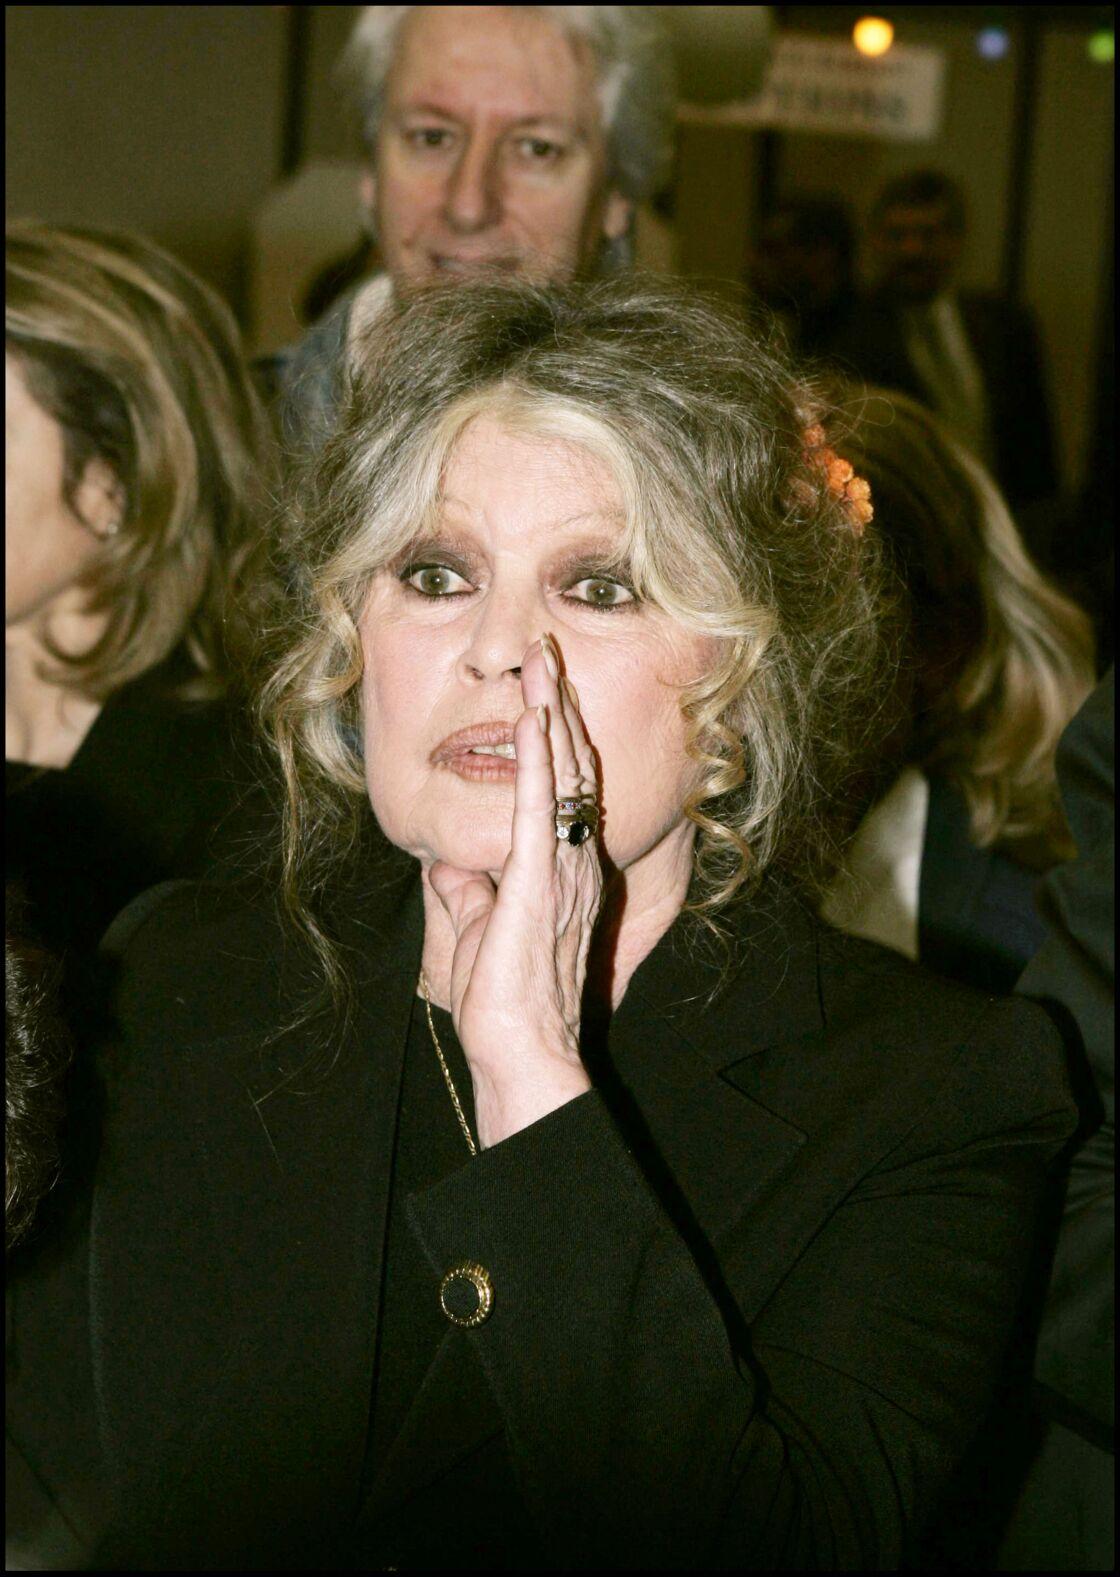 Du haut de ses 86 ans, Brigitte Bardot n'a pas peur de dire ce qu'elle pense, quitte à déplaire.